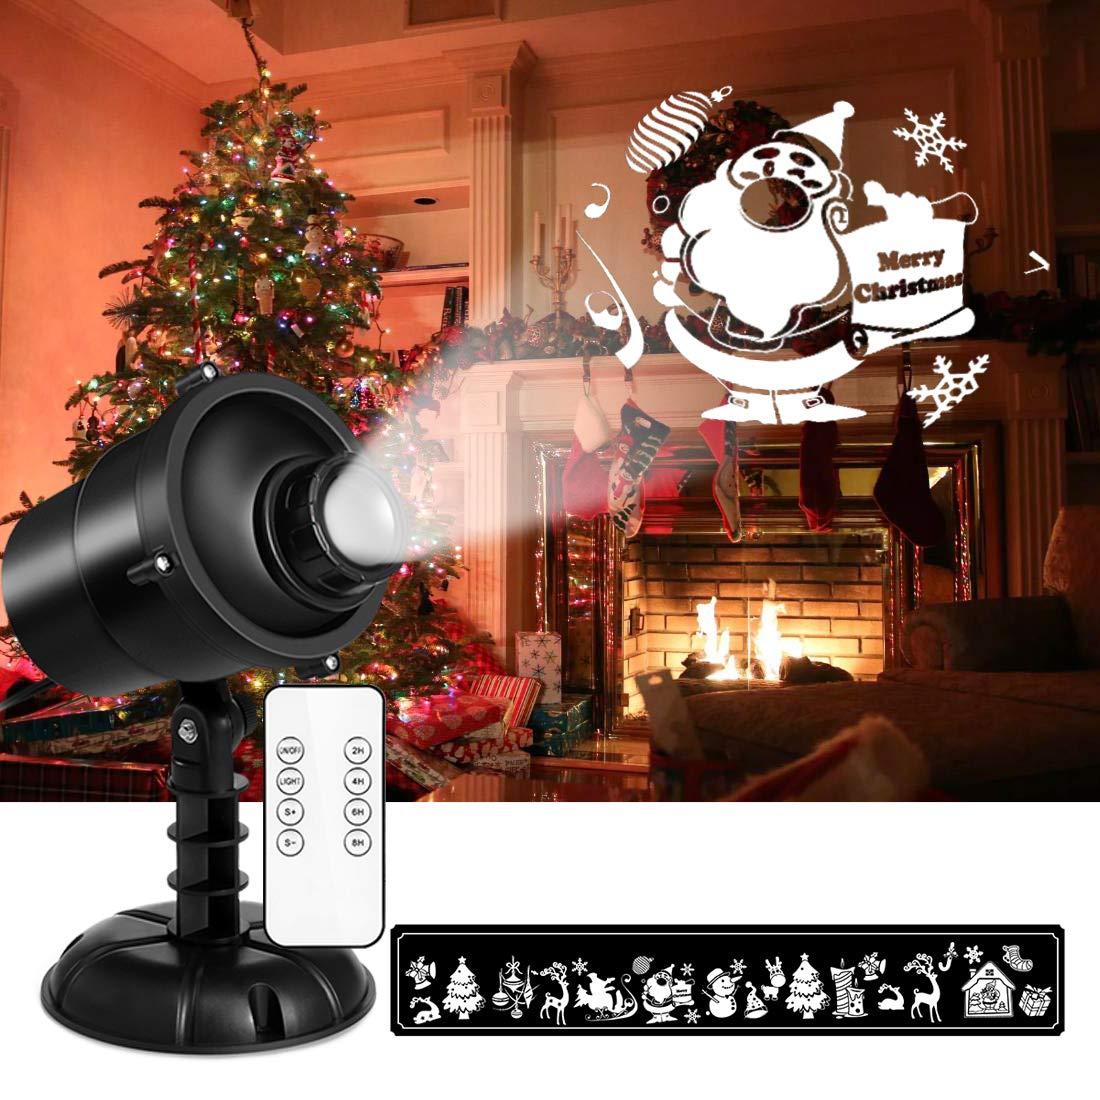 LED Projektionslampe mit Fernbedienung 9W NACATIN LED Weihnachtsbeleuchtung Auß en und Innen IP65 Stimmungslichter fü r Weihnachten Party Hochzeit